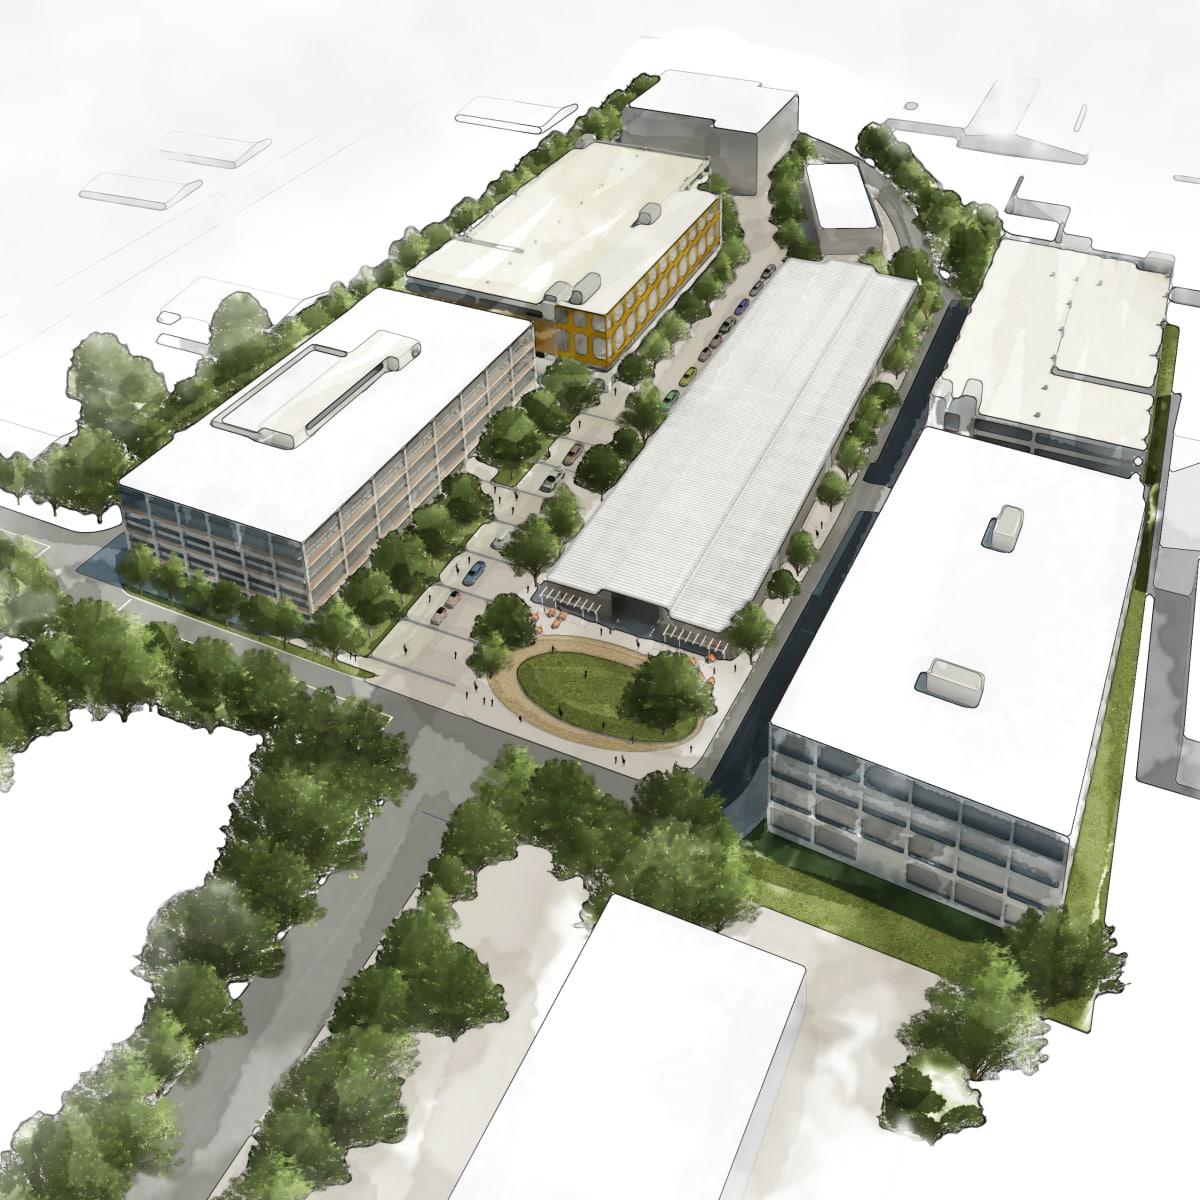 Saint Elmo Public Market rendering South Austin campus buildings 2015